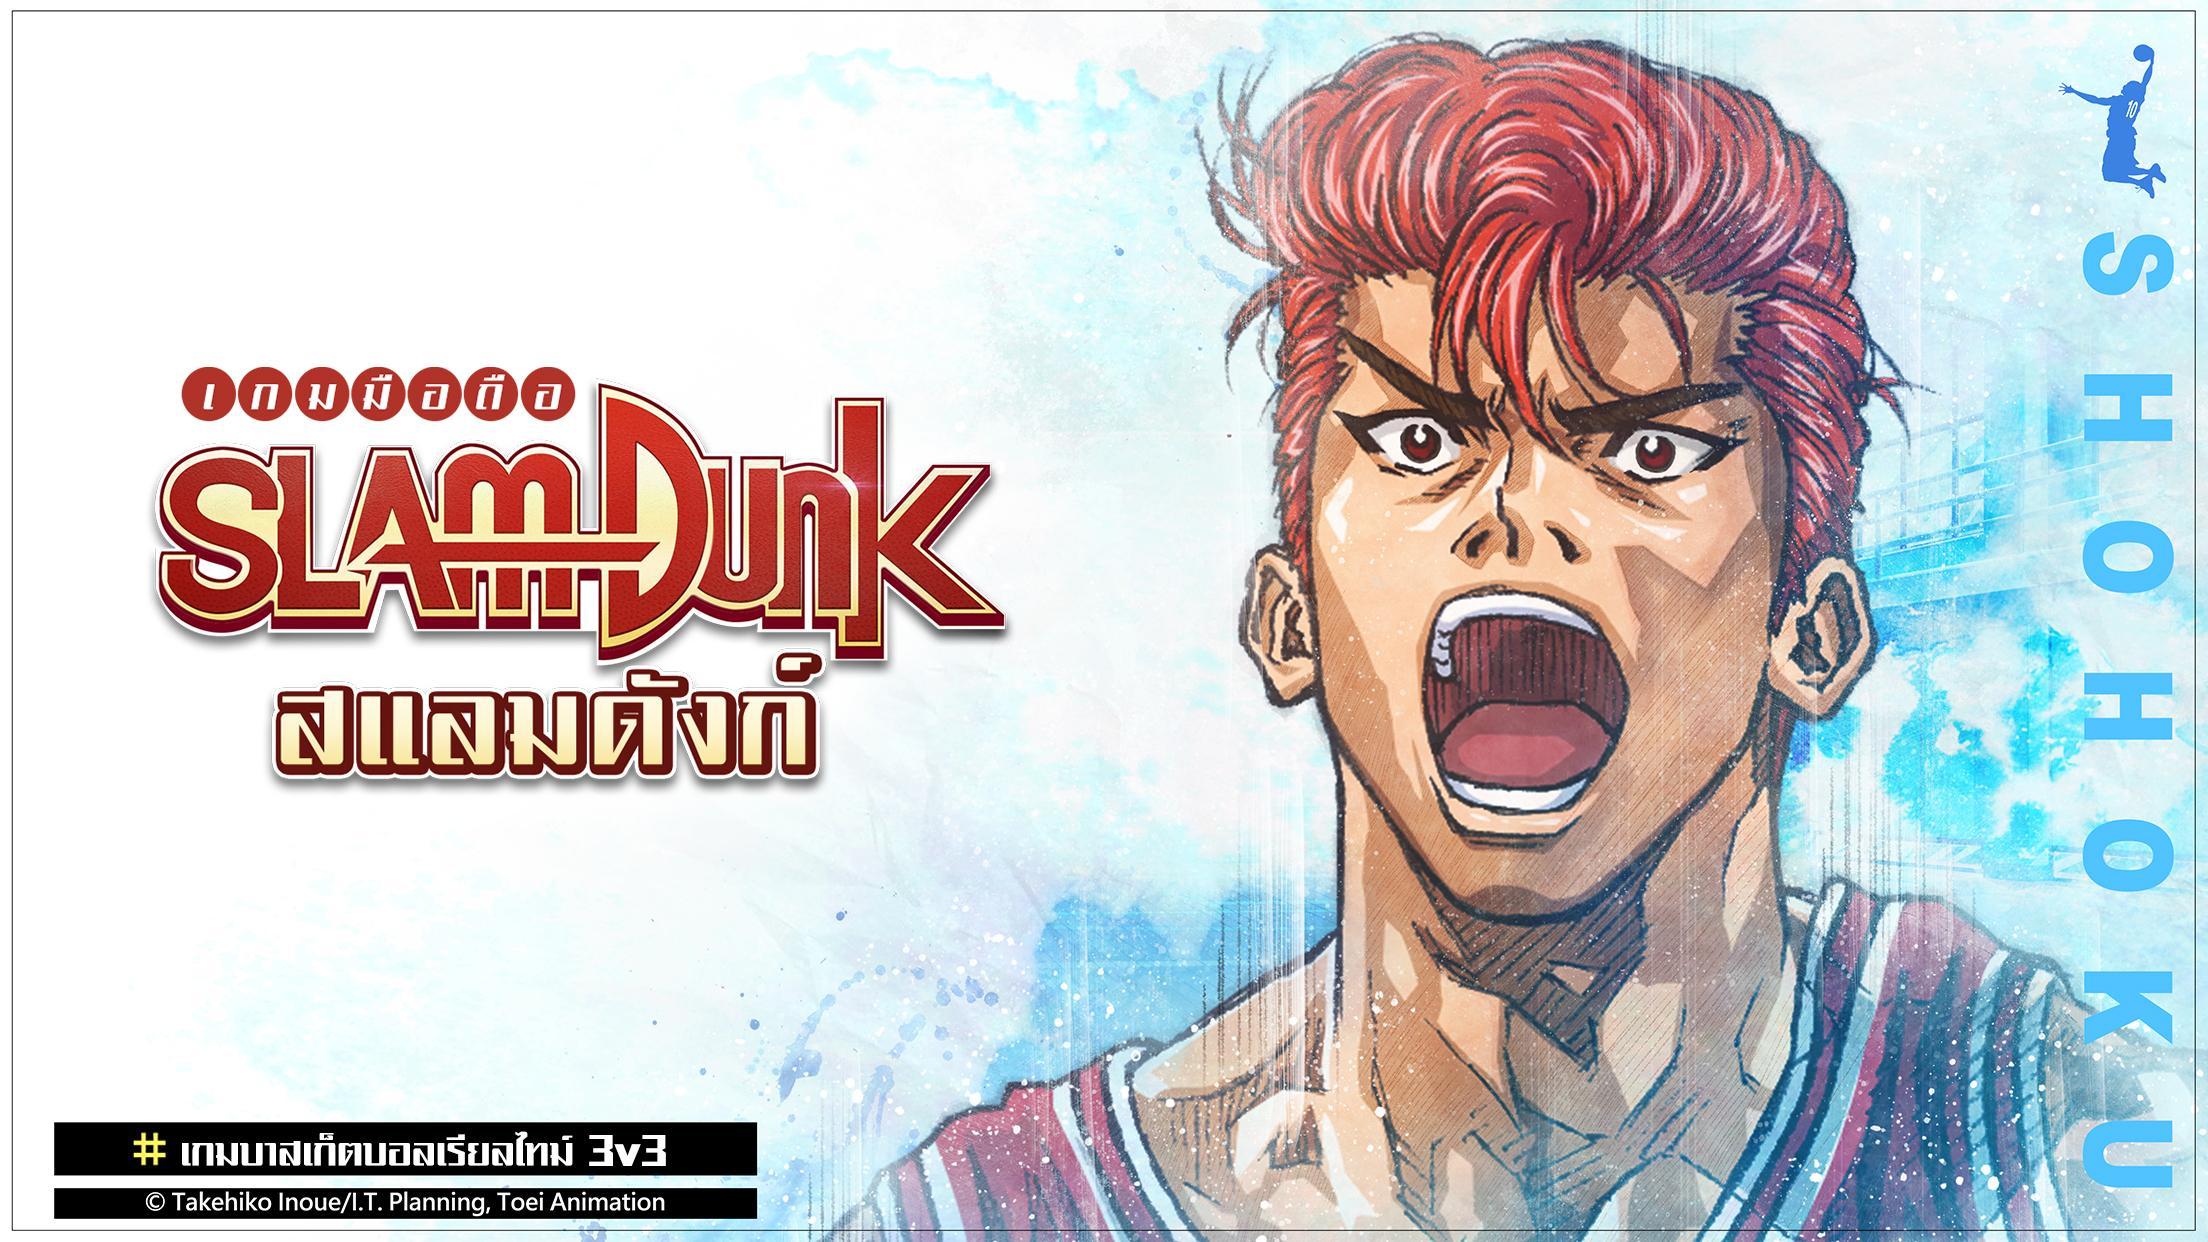 Slam Dunk มาแล้วจ้า เปิดให้ลงทะเบียนแล้ว SlamDunkซึ่งในครั้งตัวเกมได้รับลิขสิทธิ์ที่ถูกต้องจากประเทศญี่ปุ่น ดาวโหลดหรือลงทะเบียนได้ที่นี่